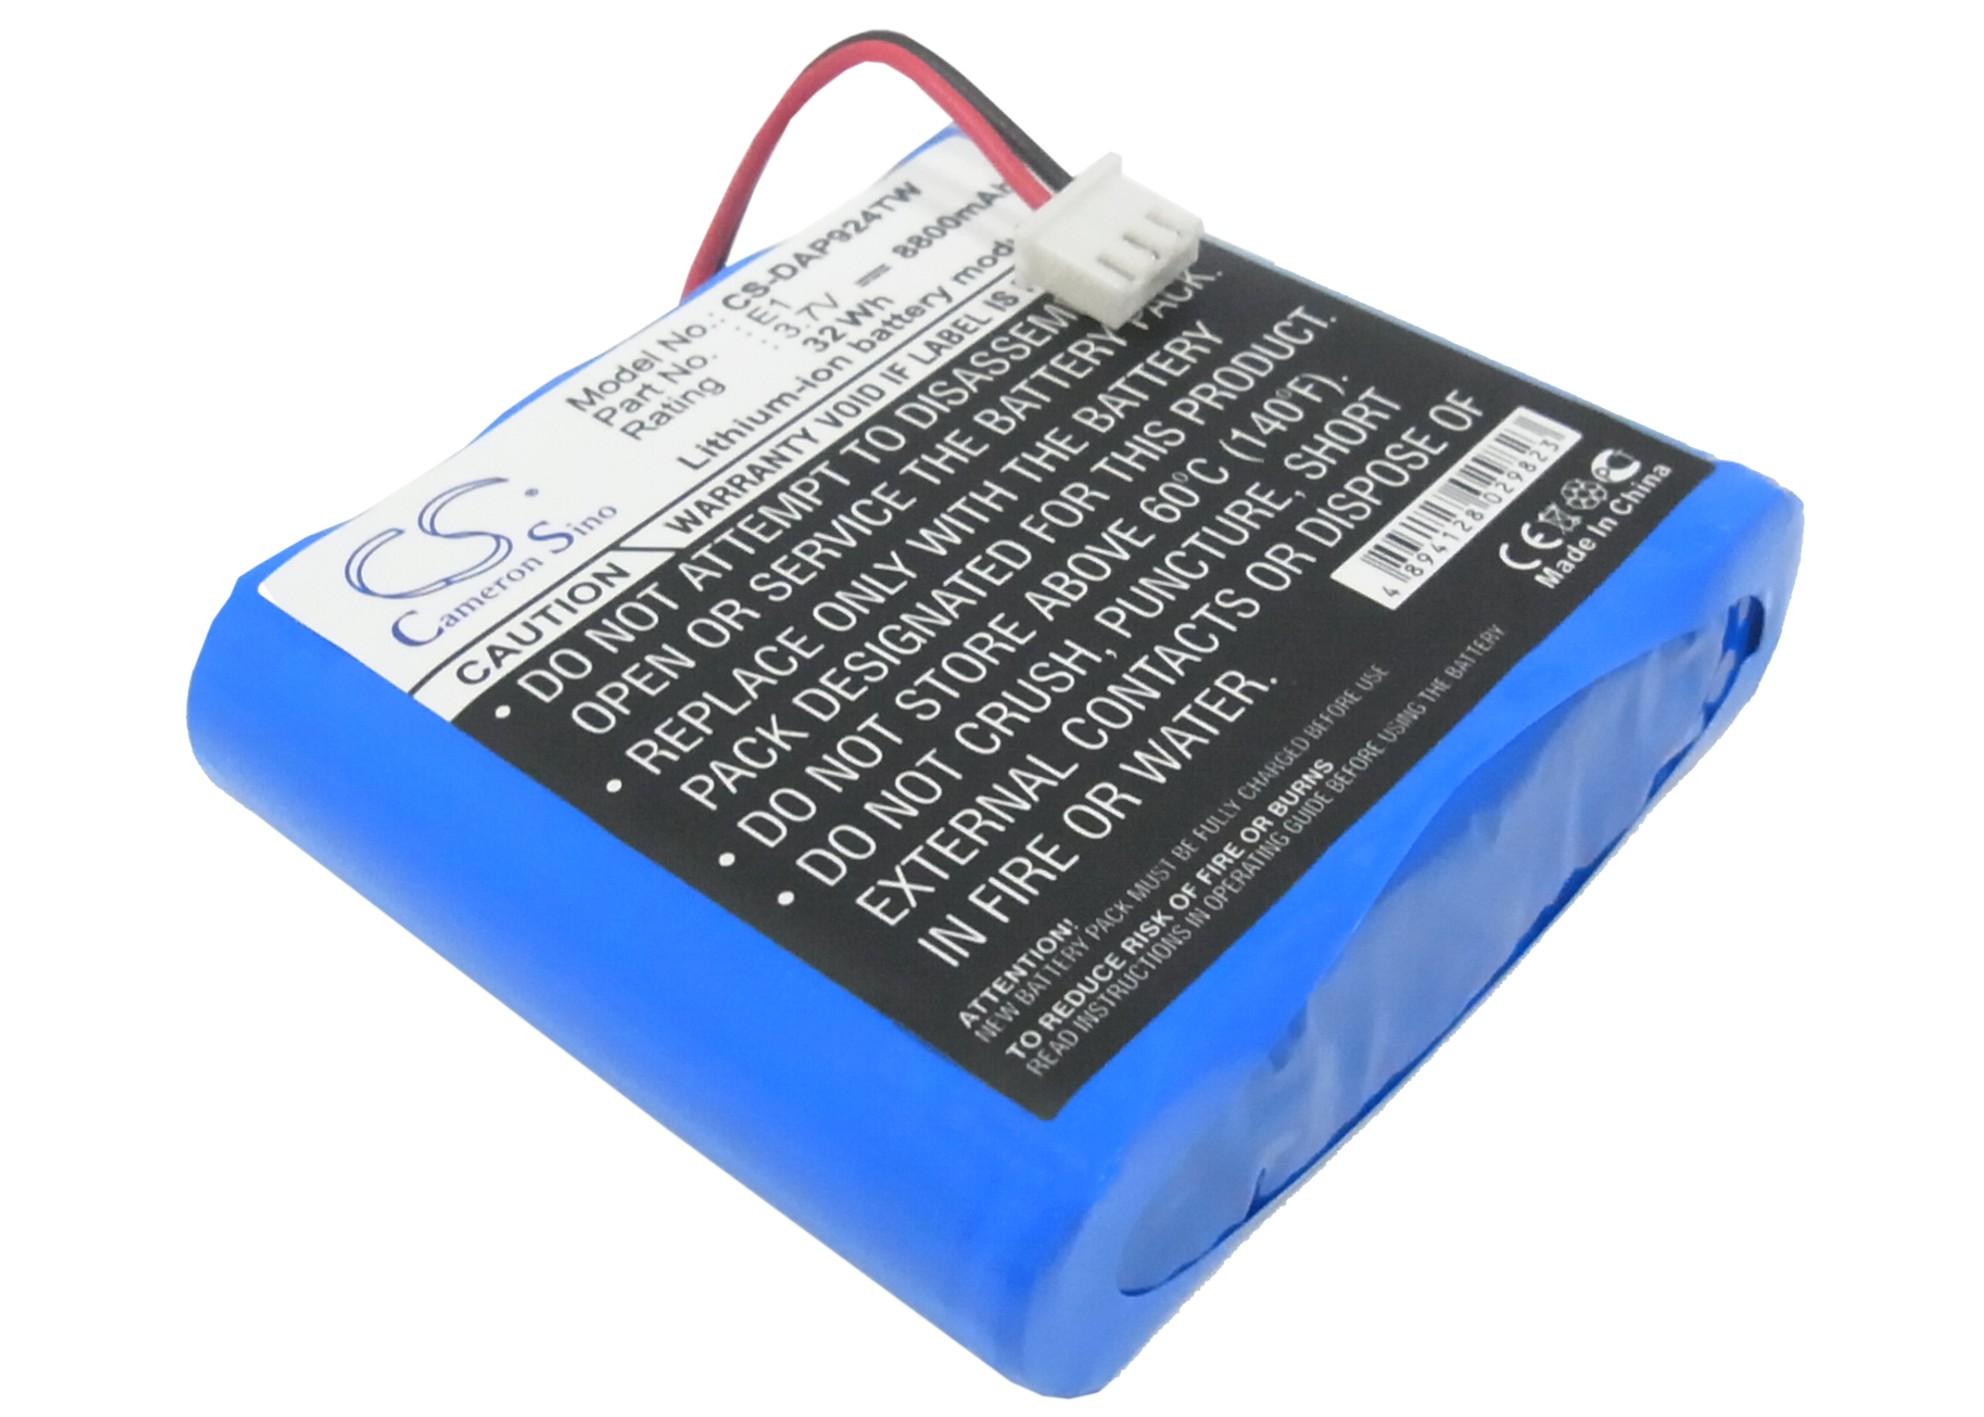 Cameron Sino baterie do digitálních rádií pro PURE Evoke Mio by Orla Kiely 3.7V Li-ion 8800mAh modrá - neoriginální